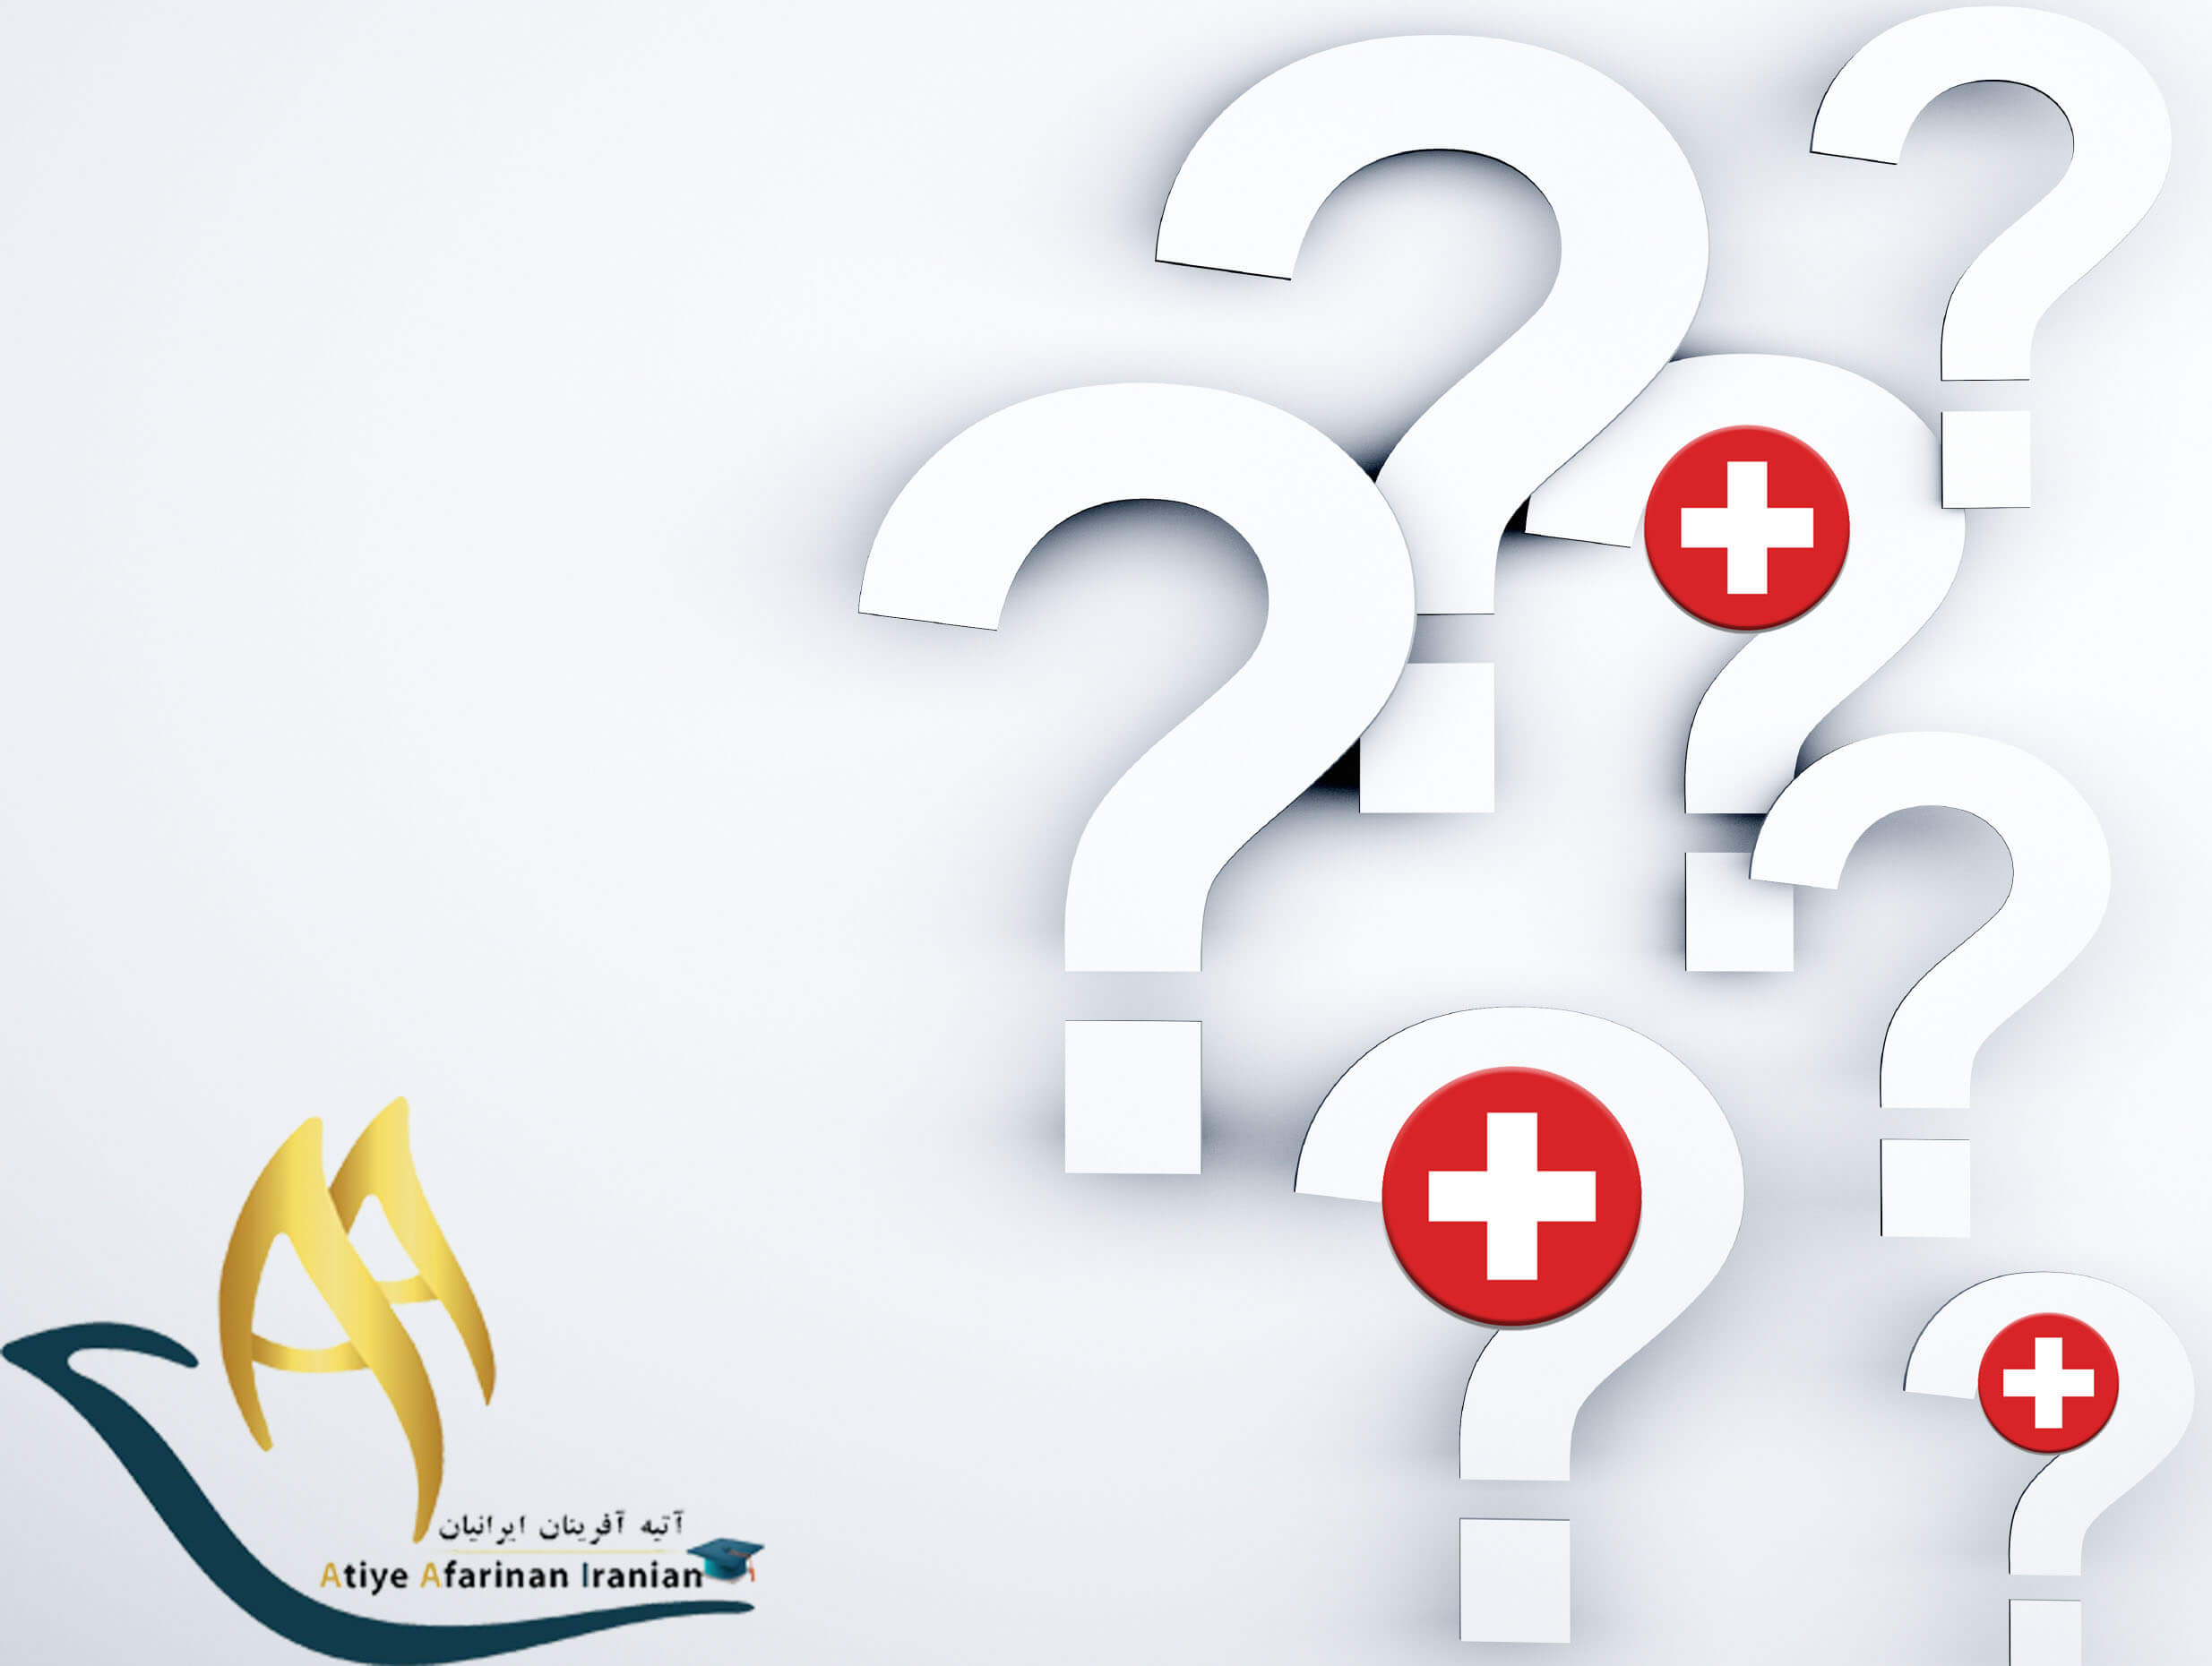 سوالات متداول در مورد تحصیل در سوئیس